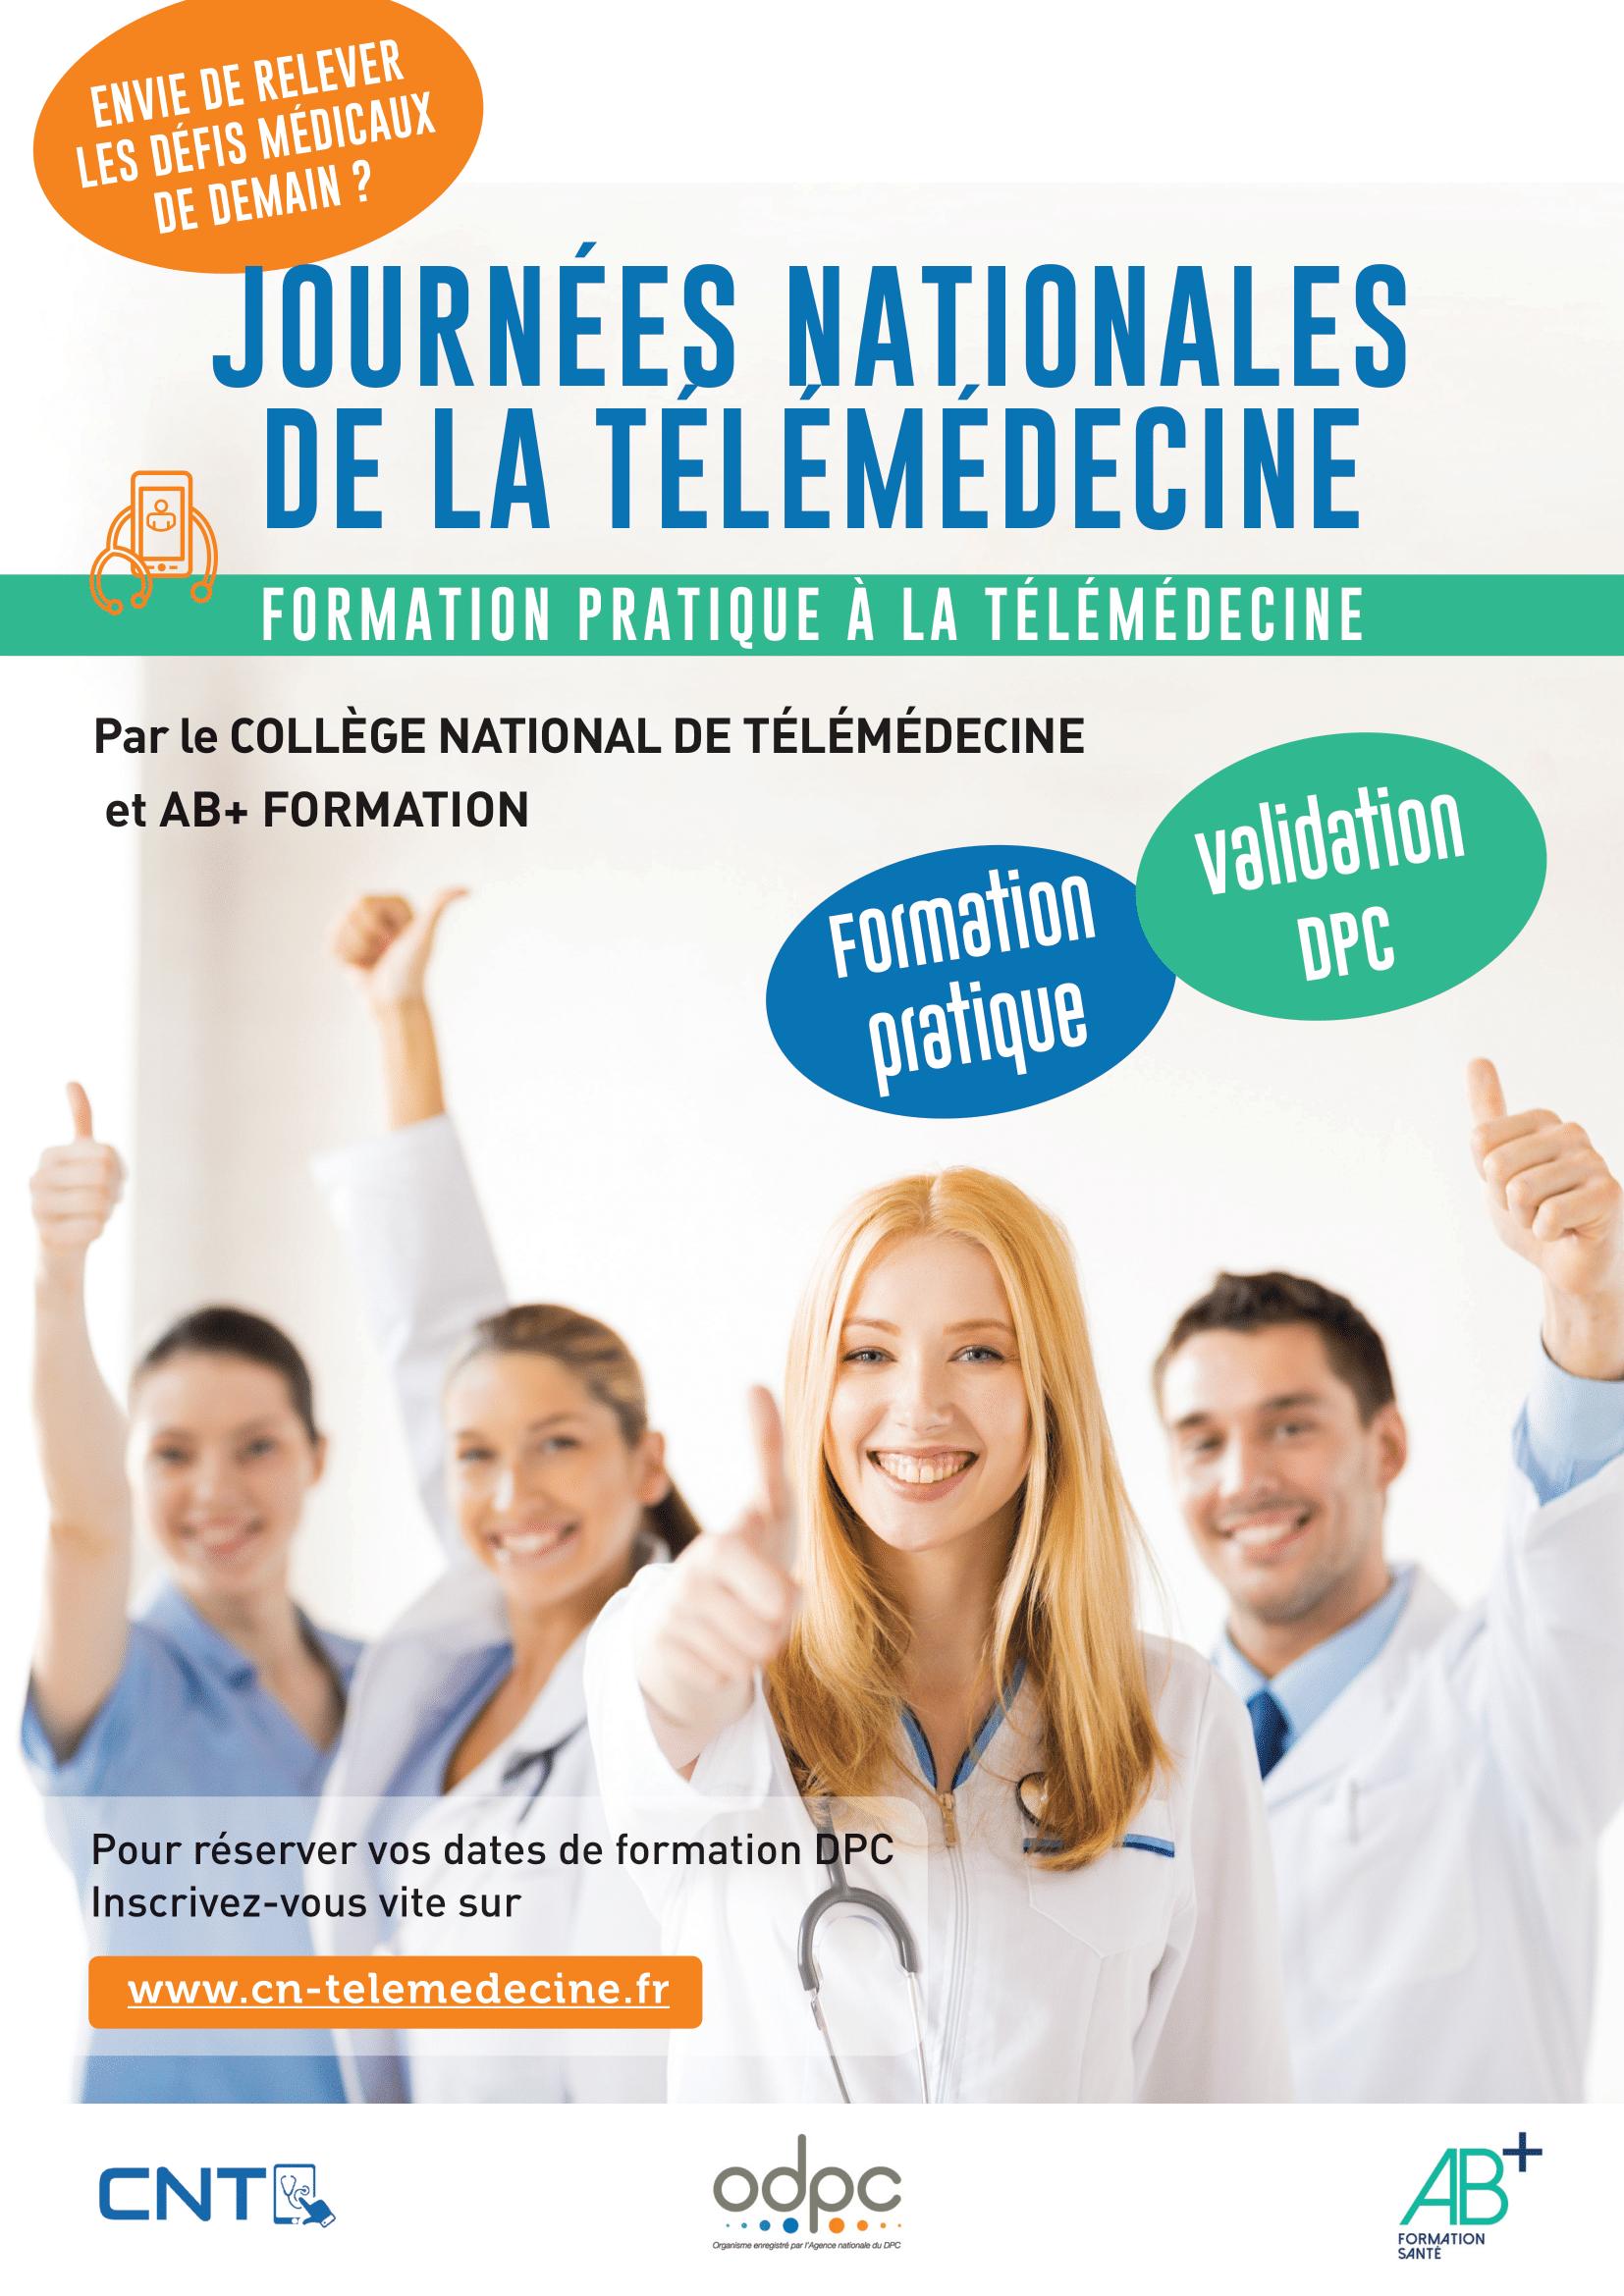 Journées Nationales de Télémédecine : formation pratique à la télémédecine